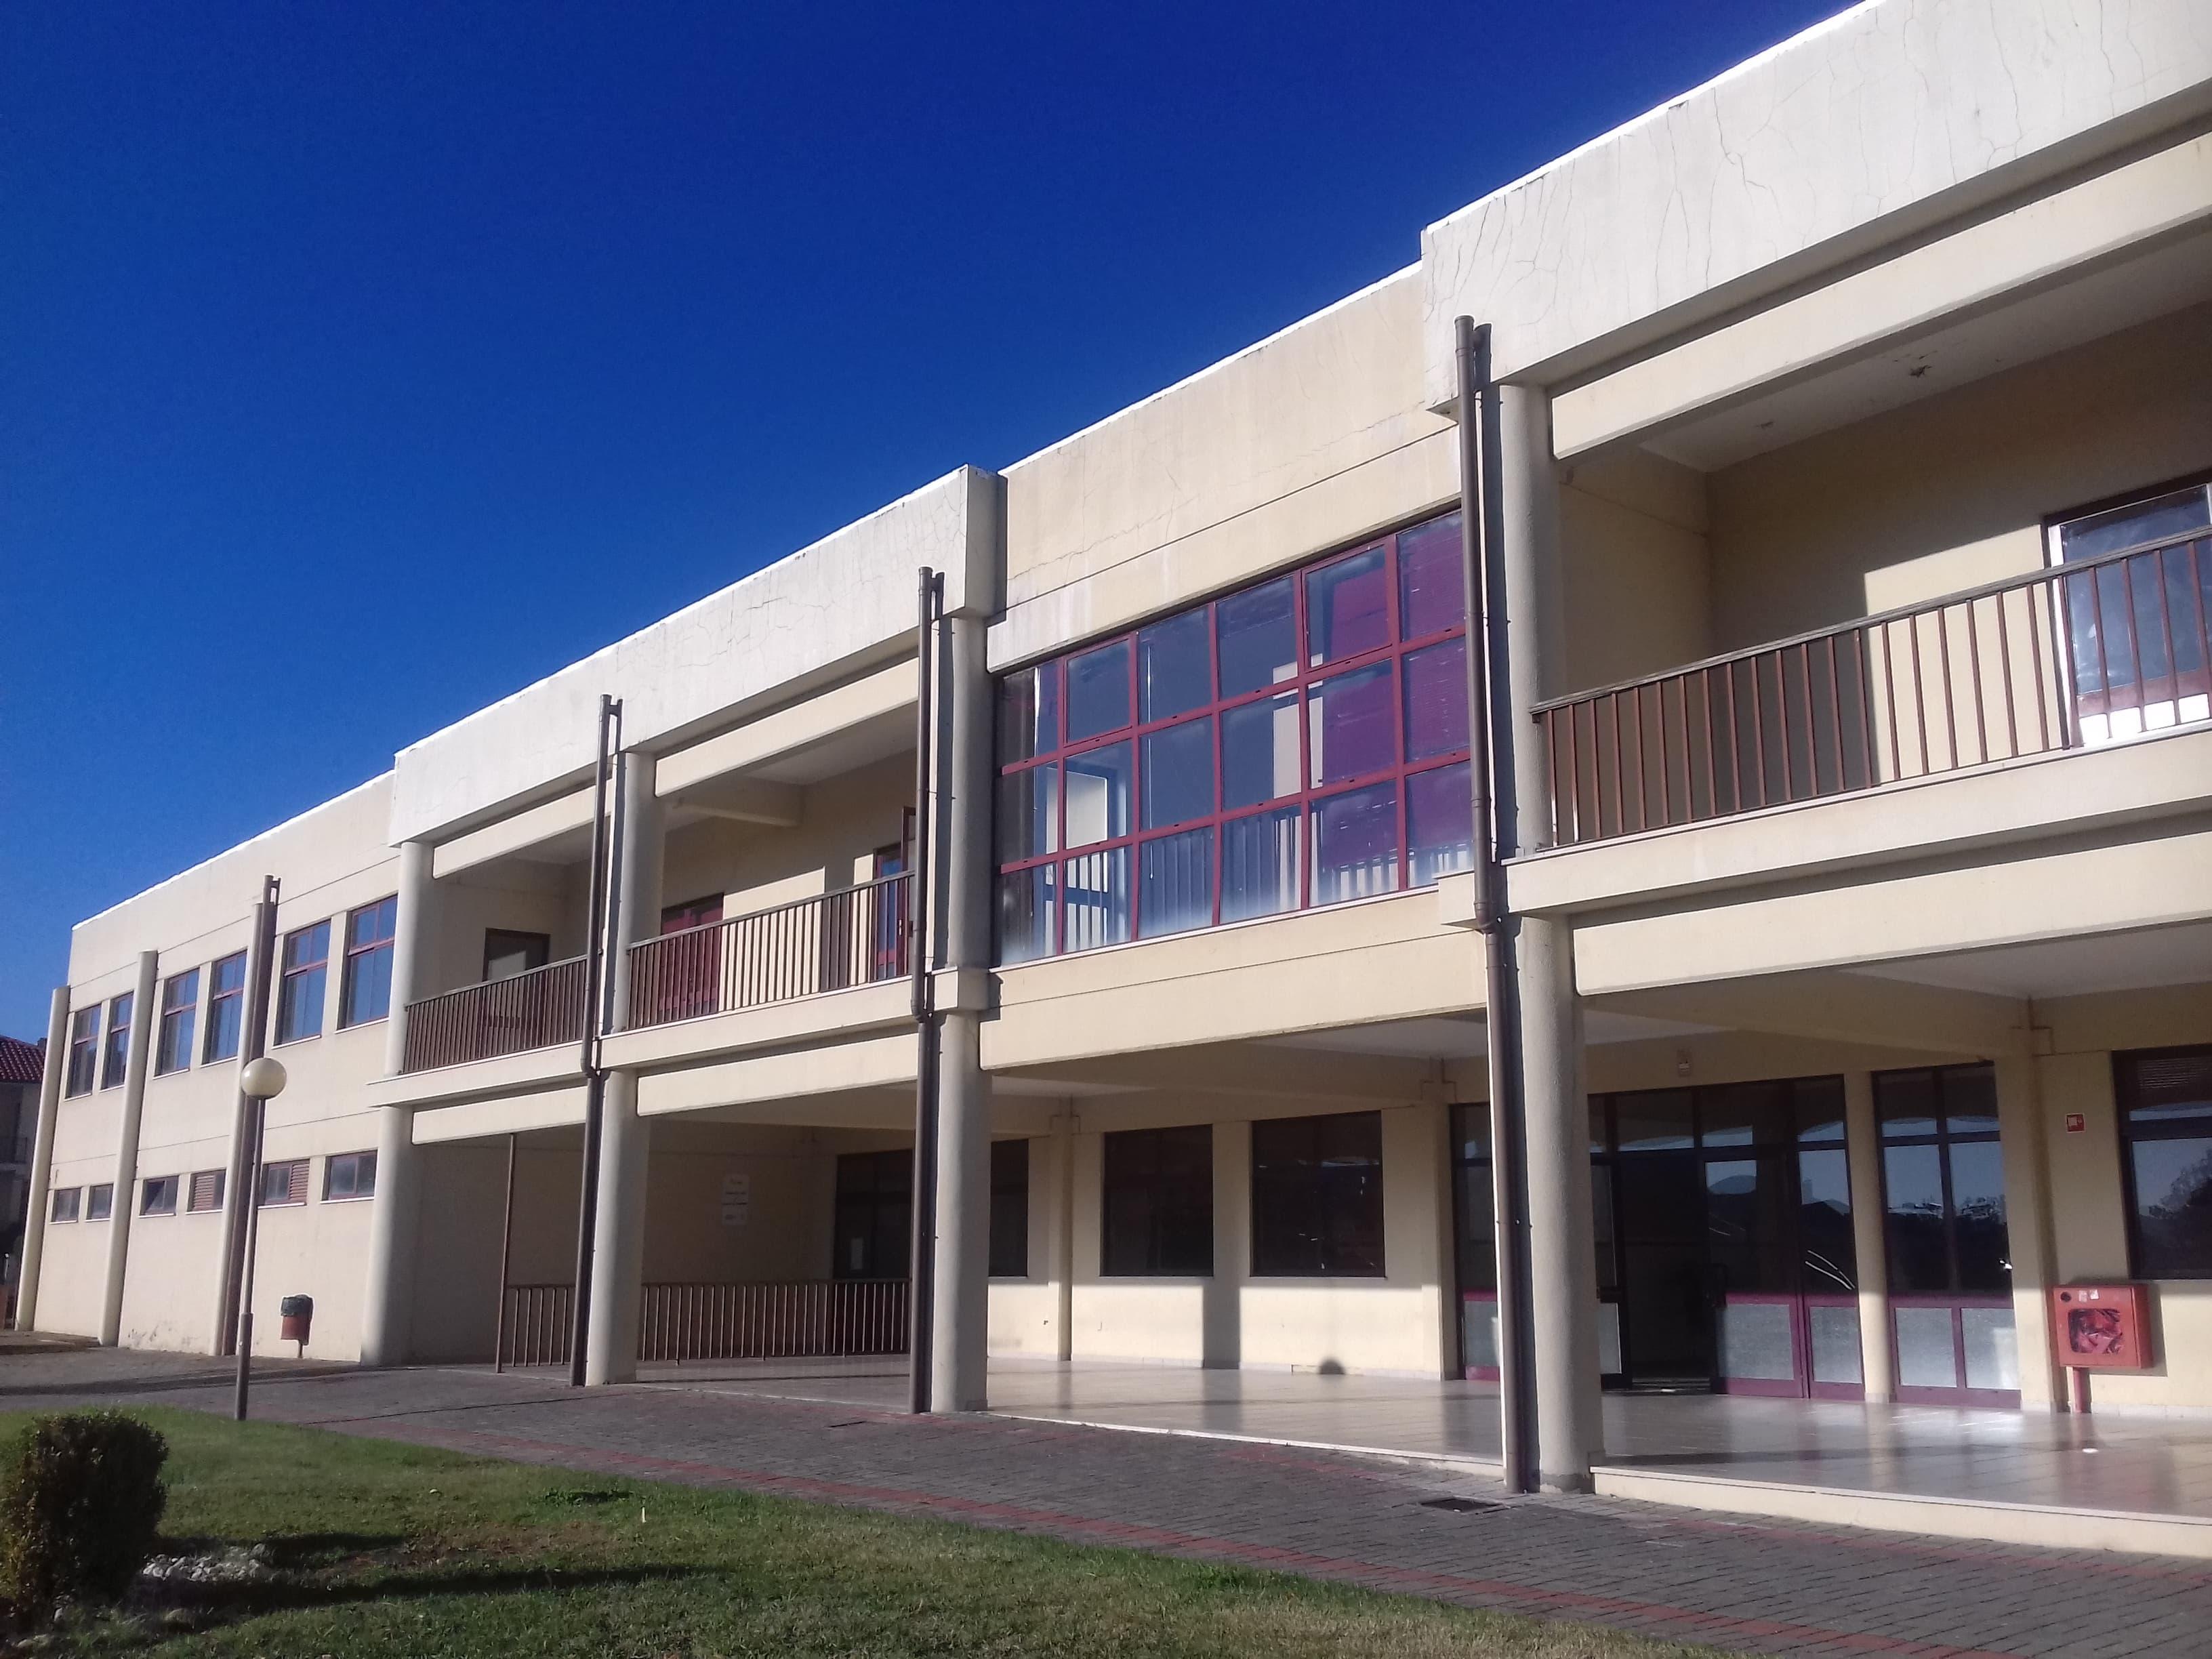 Cursos CTeSP do IPB sem alunos suficientes para abrir em Macedo este ano letivo